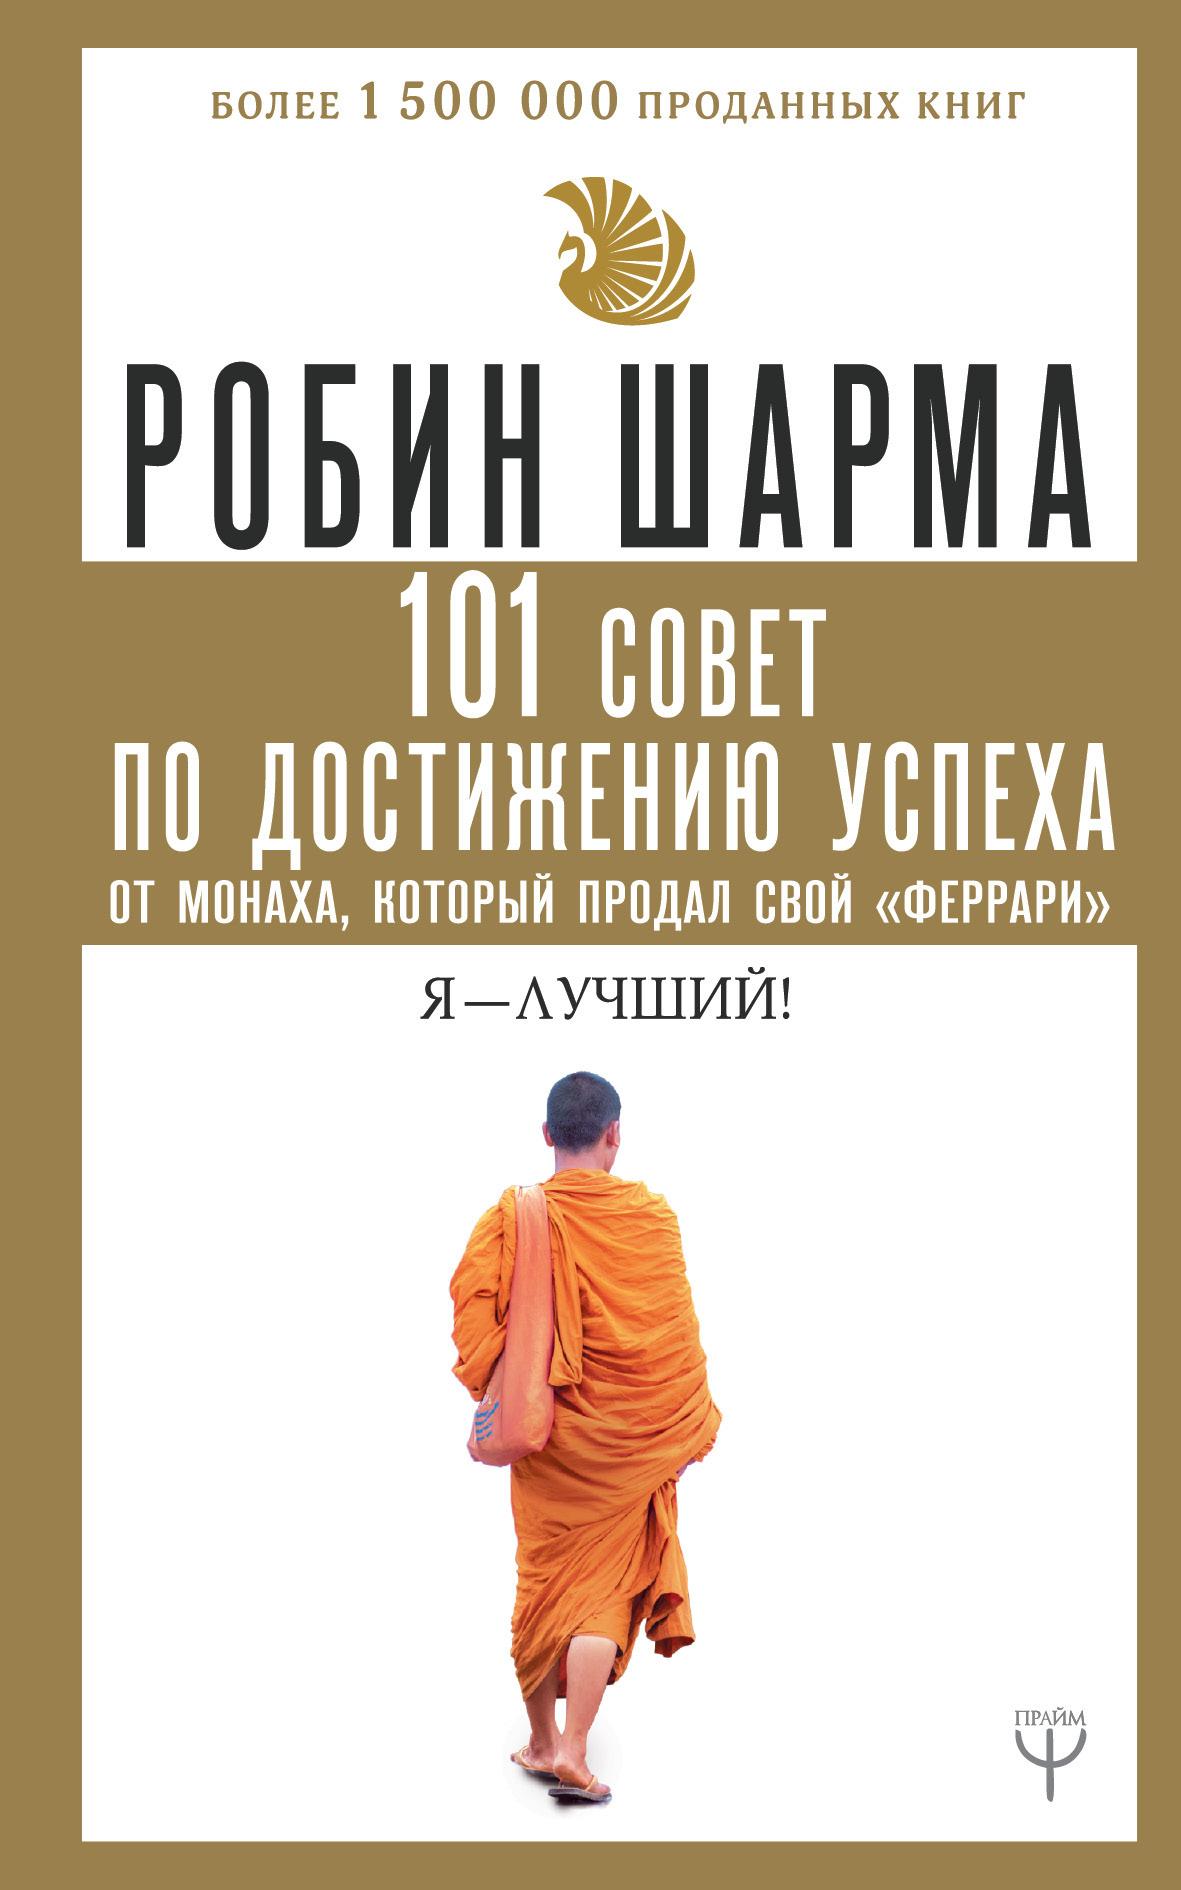 Шарма Робин. 101 совет по достижению успеха от монаха, который продал свой «феррари». Я - Лучший! | Шарма Робин 0x0